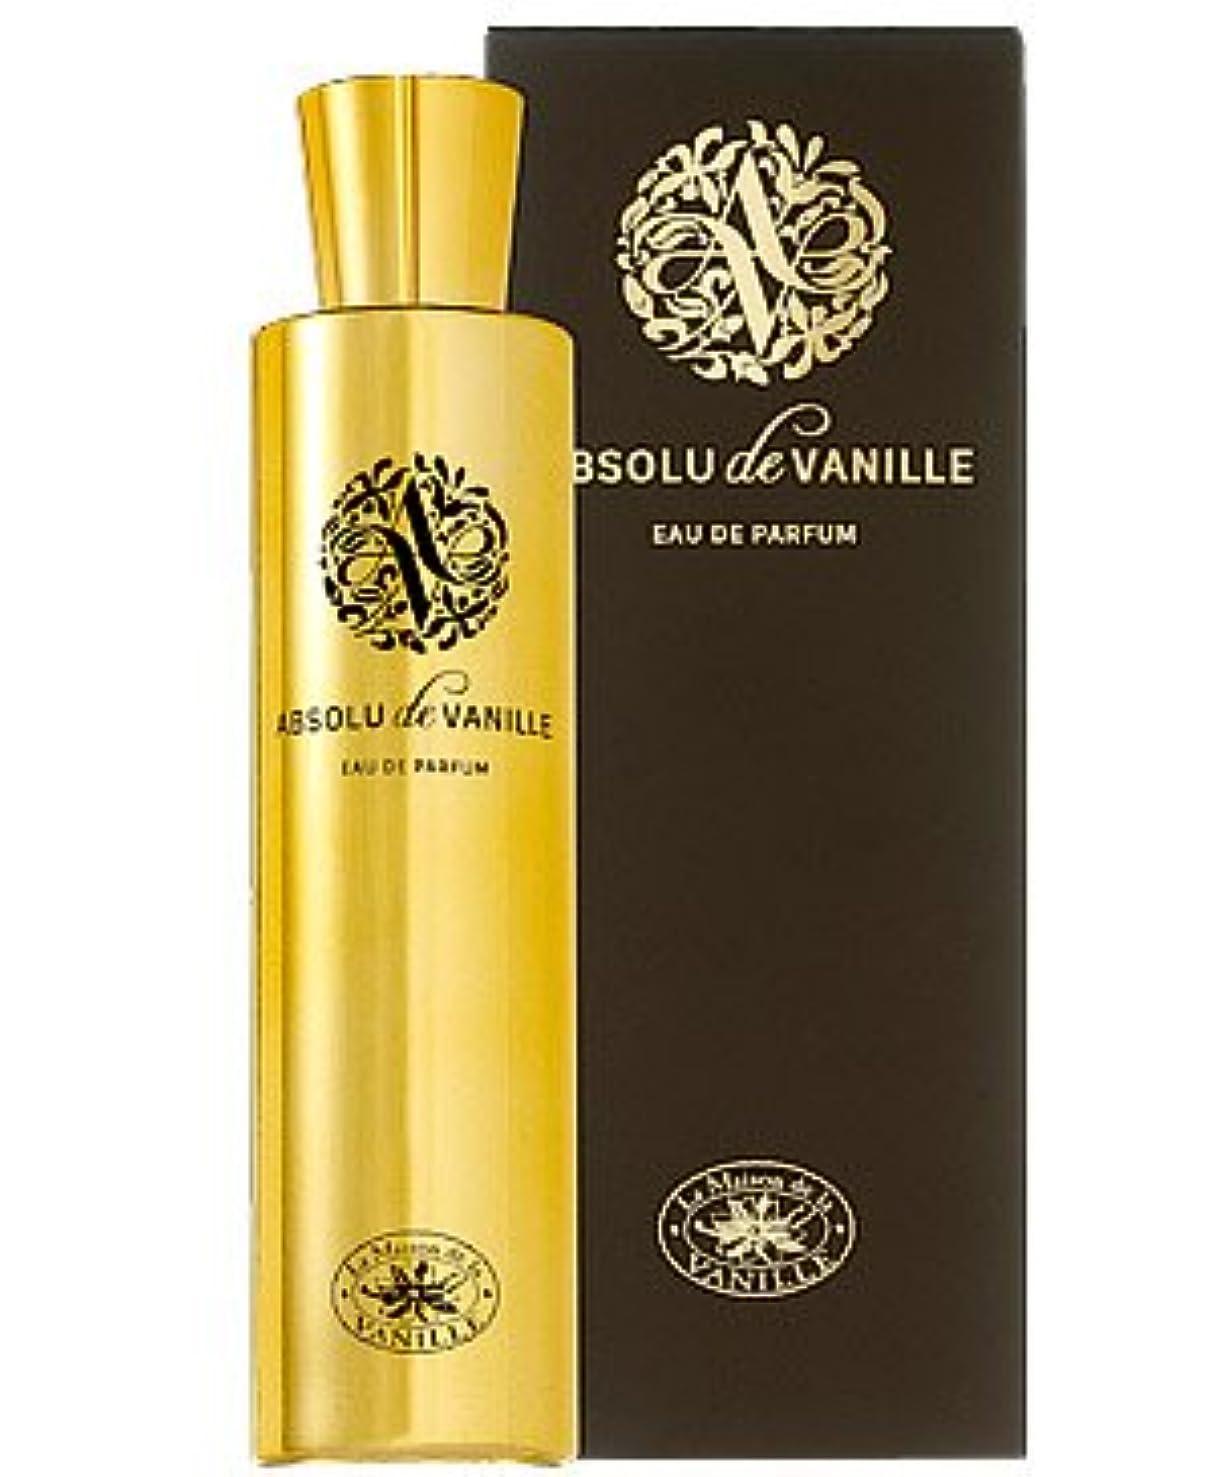 架空のペインギリック極貧Absolu de Vanille (アブソウル デ ヴァニール) 3.4 oz (100ml) EDP Spray